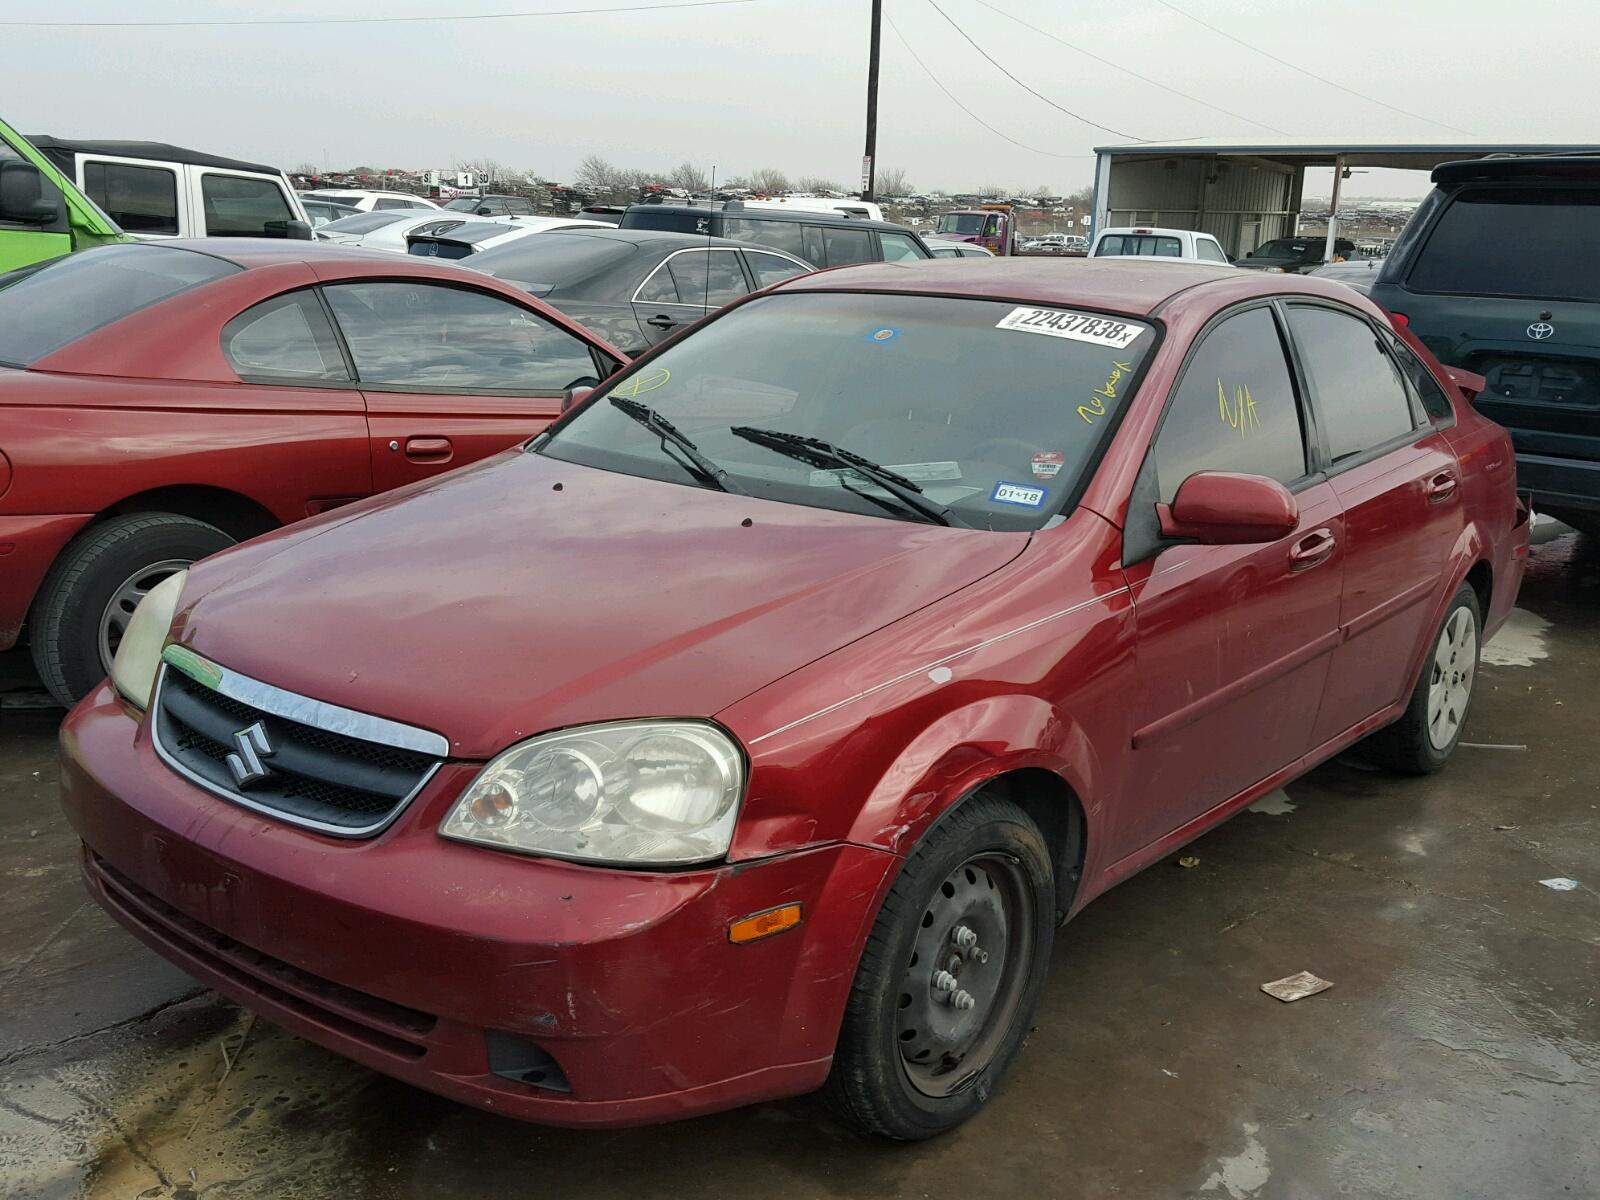 2007 Suzuki Forenza Red